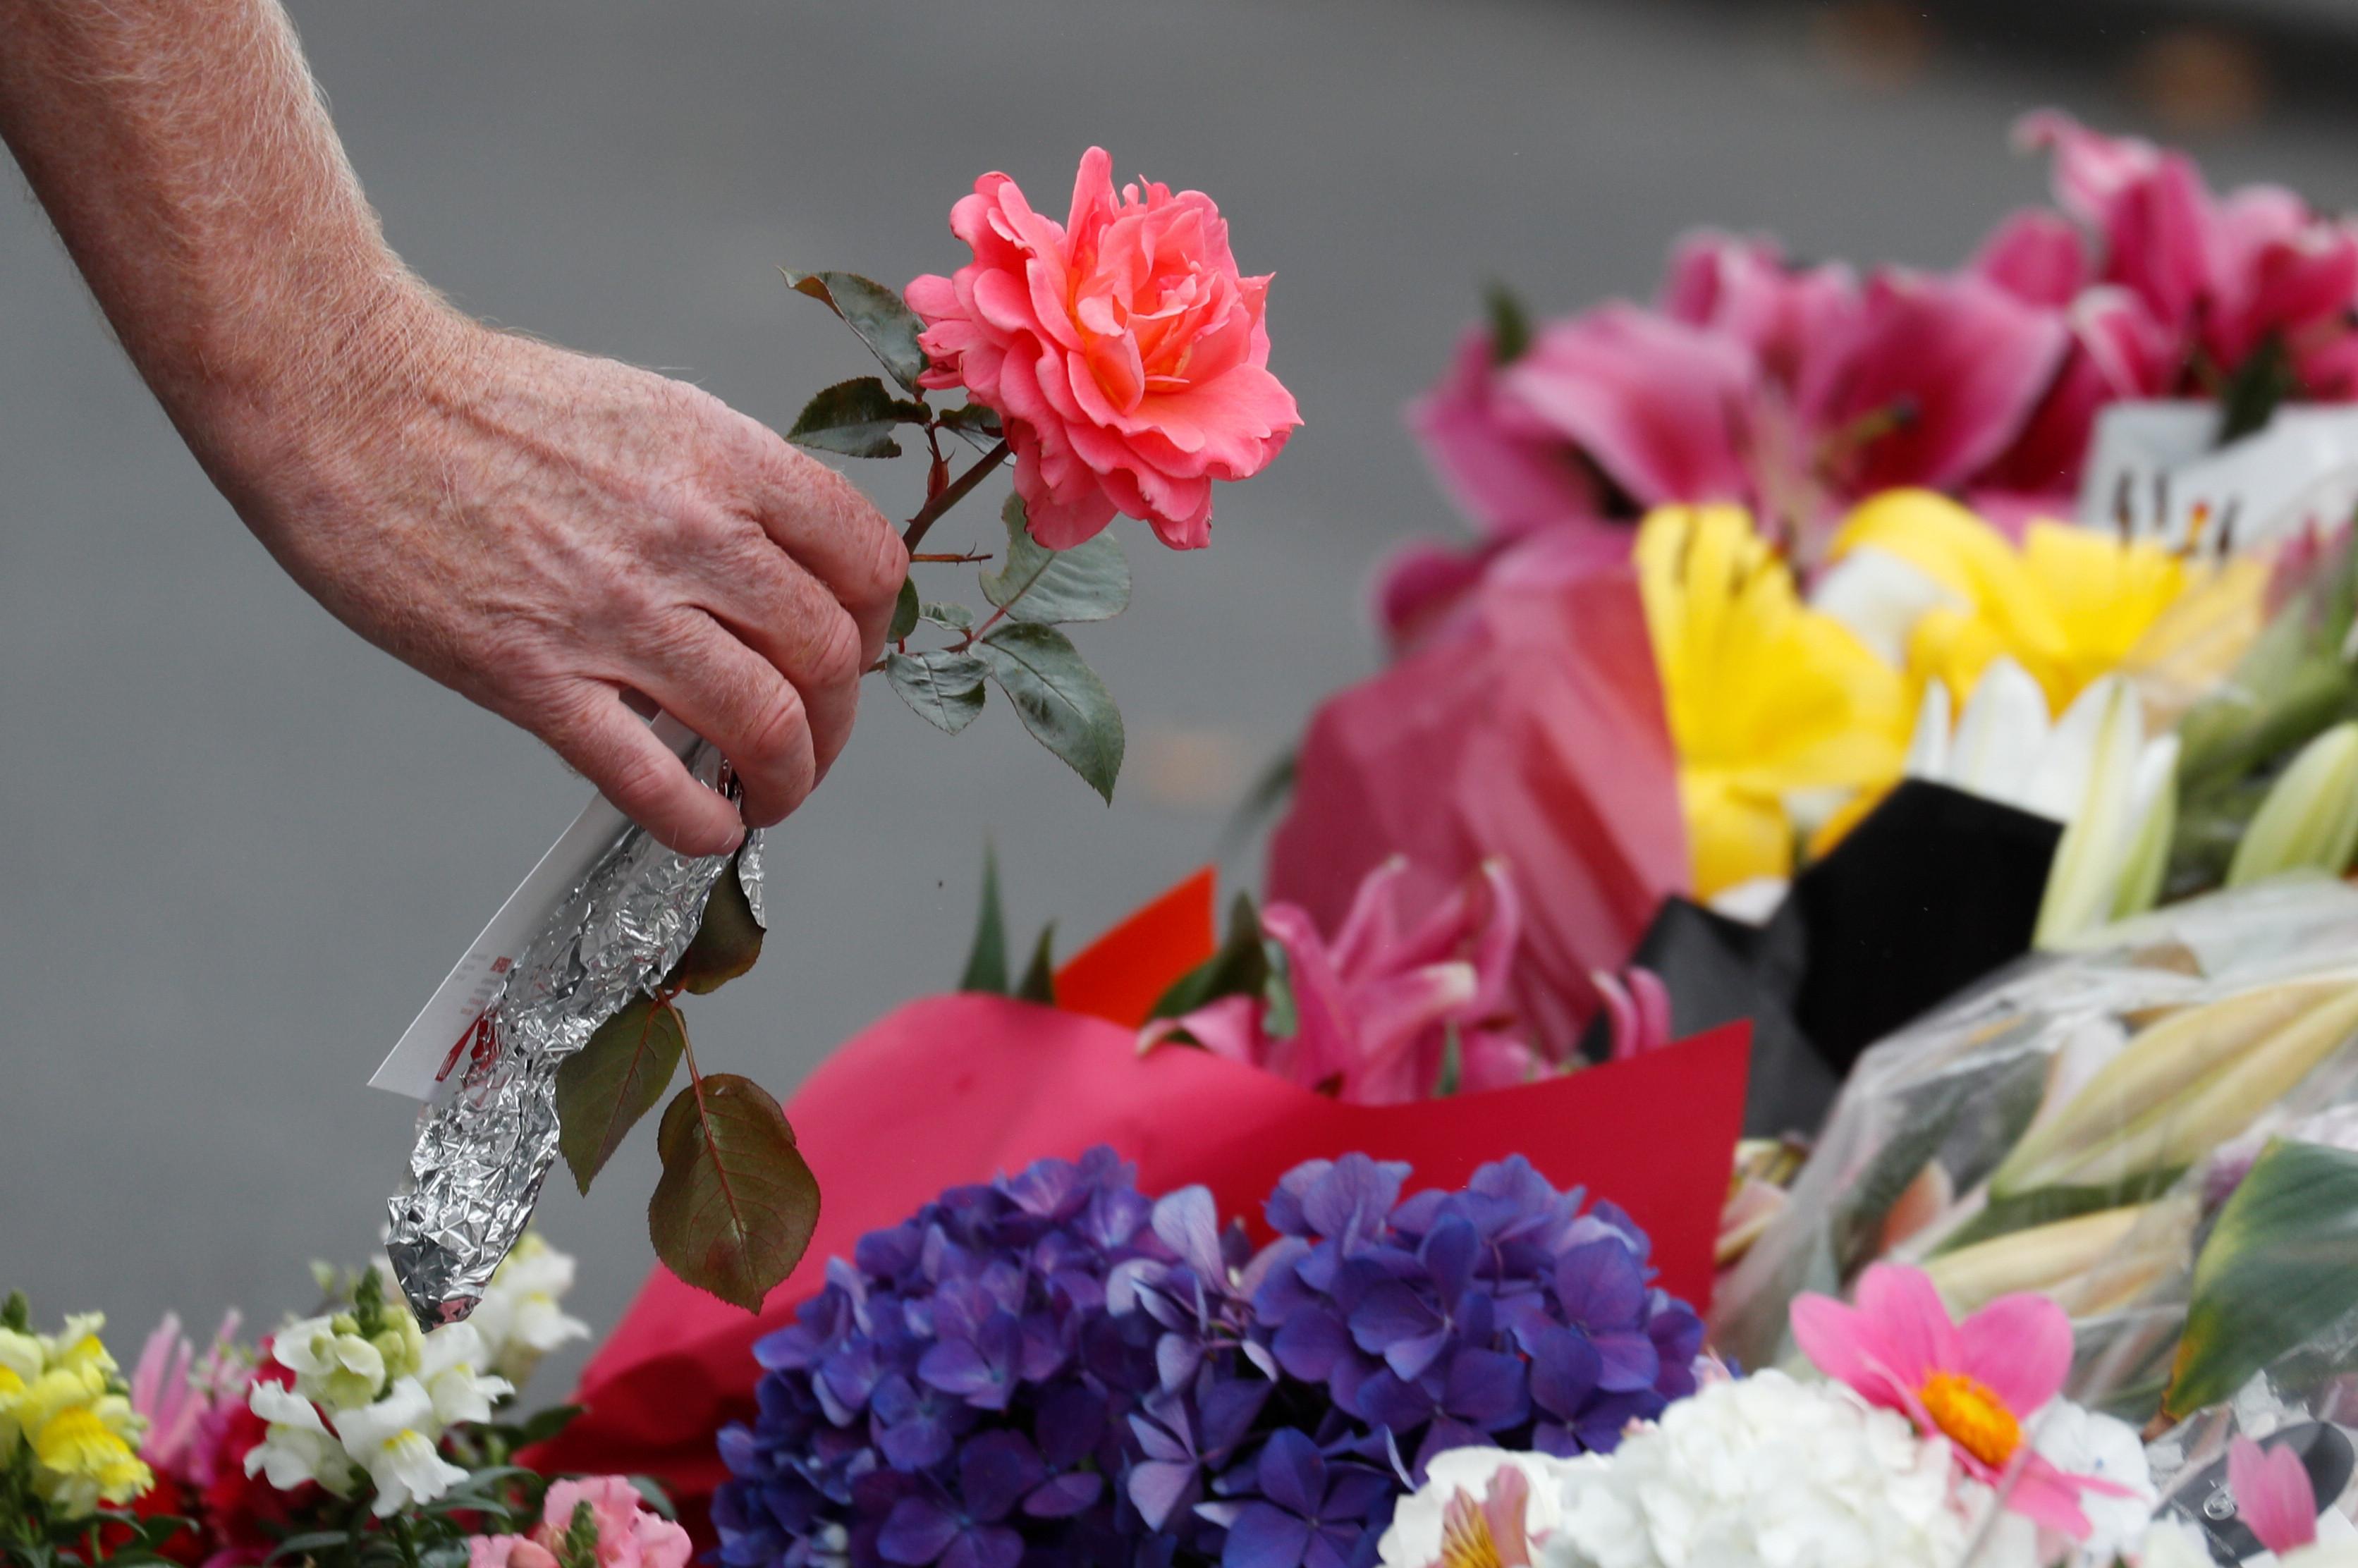 Nova Zelandia Ataque: Nova Zelândia. Vídeo Do Ataque Foi Visto 4 Mil Vezes No